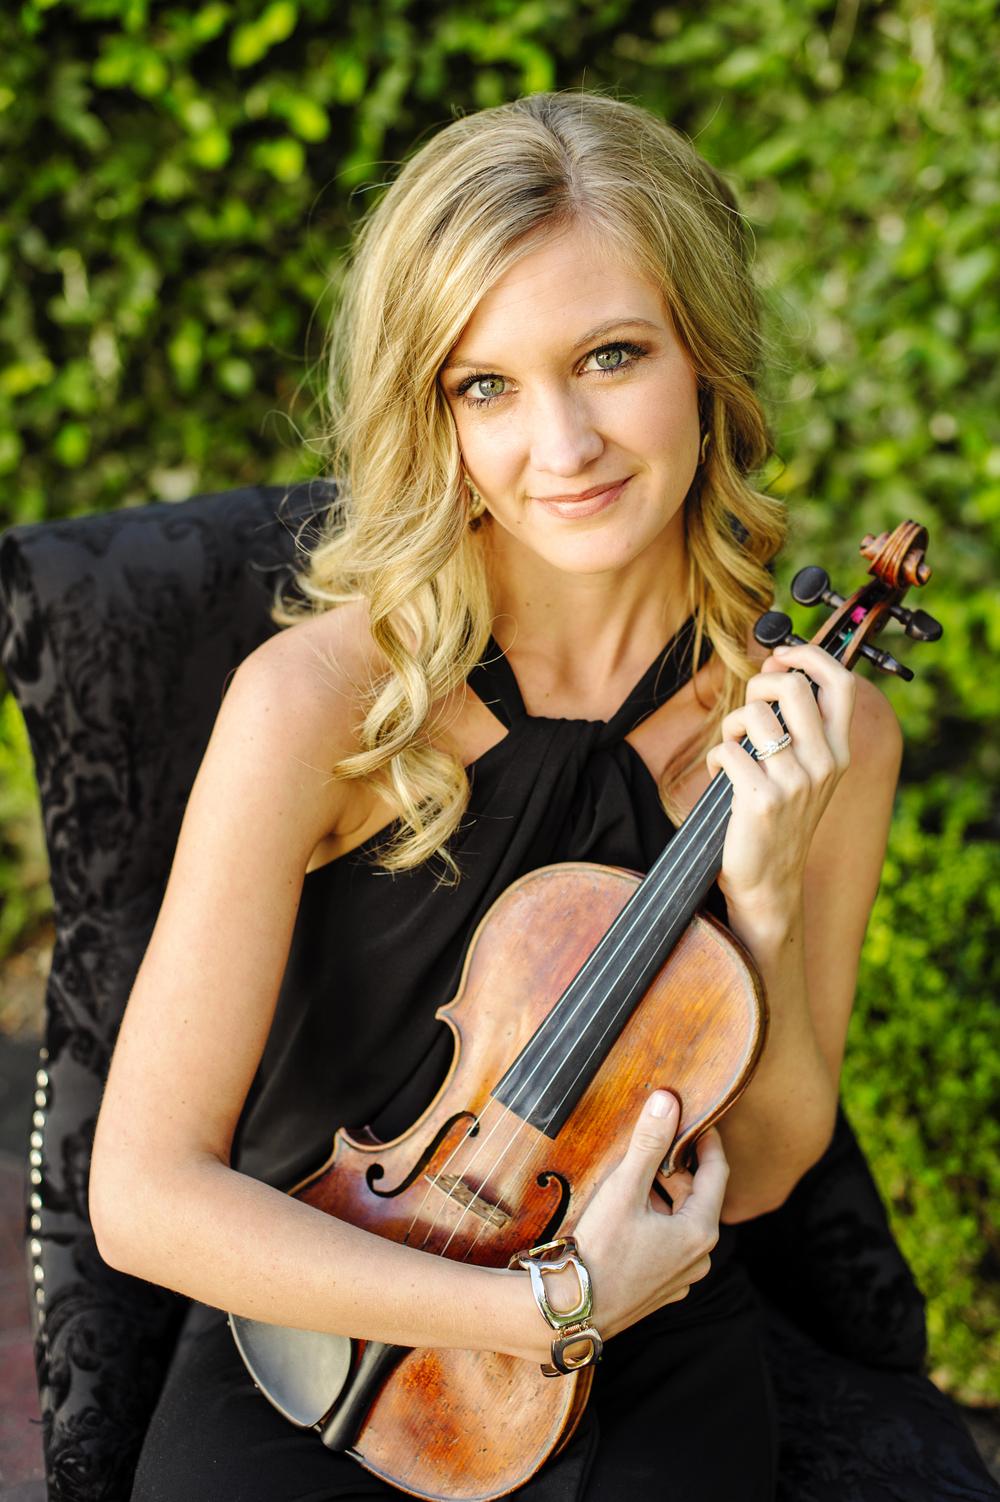 Violinist, Kerri Parr